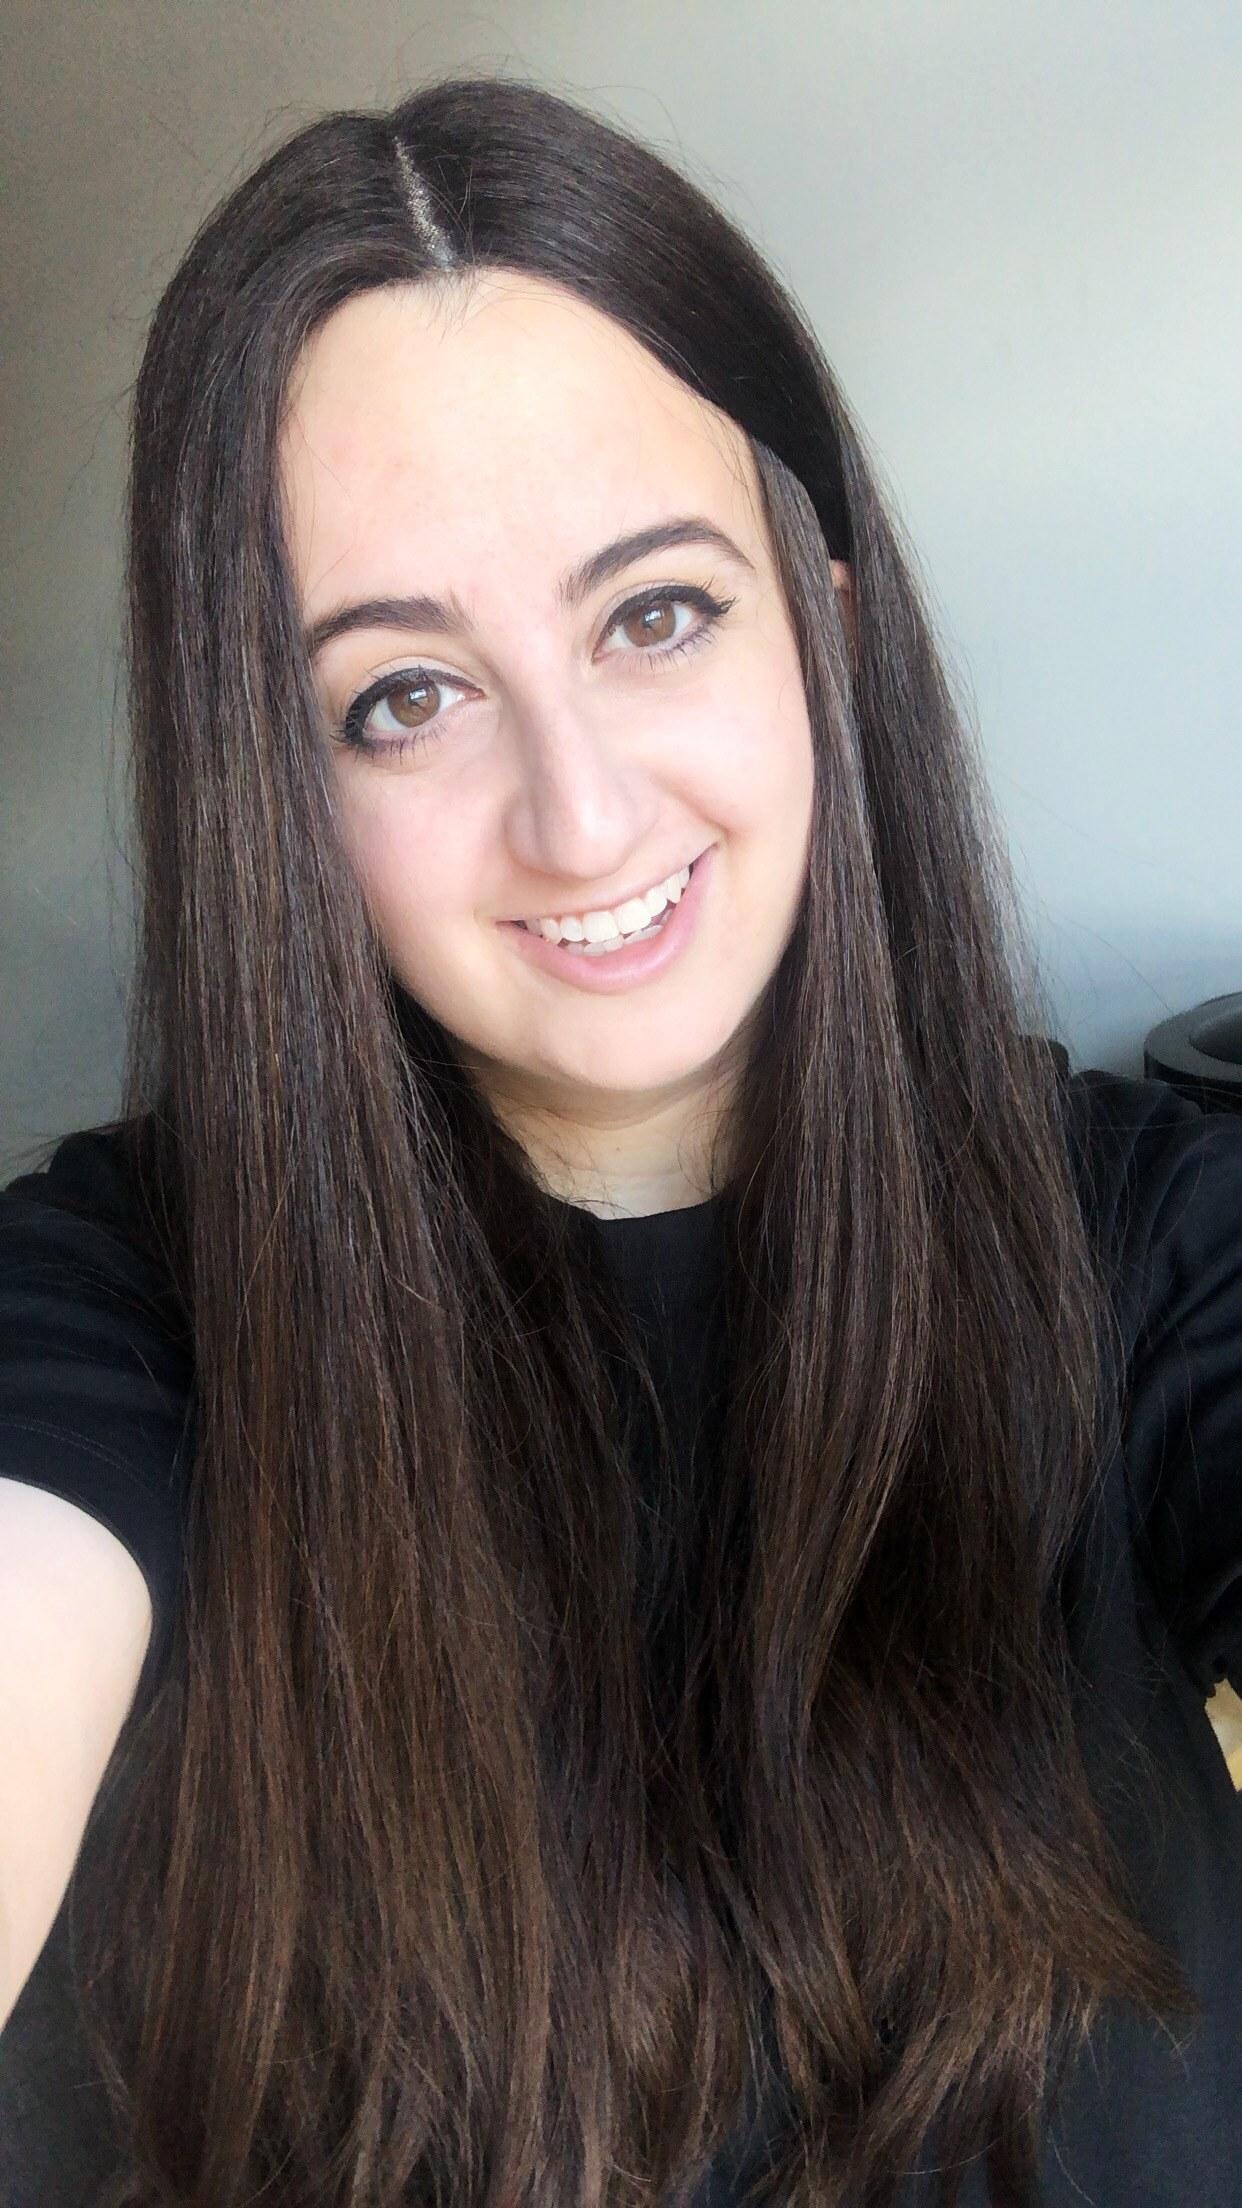 femme aux longs cheveux bruns en raie centrale